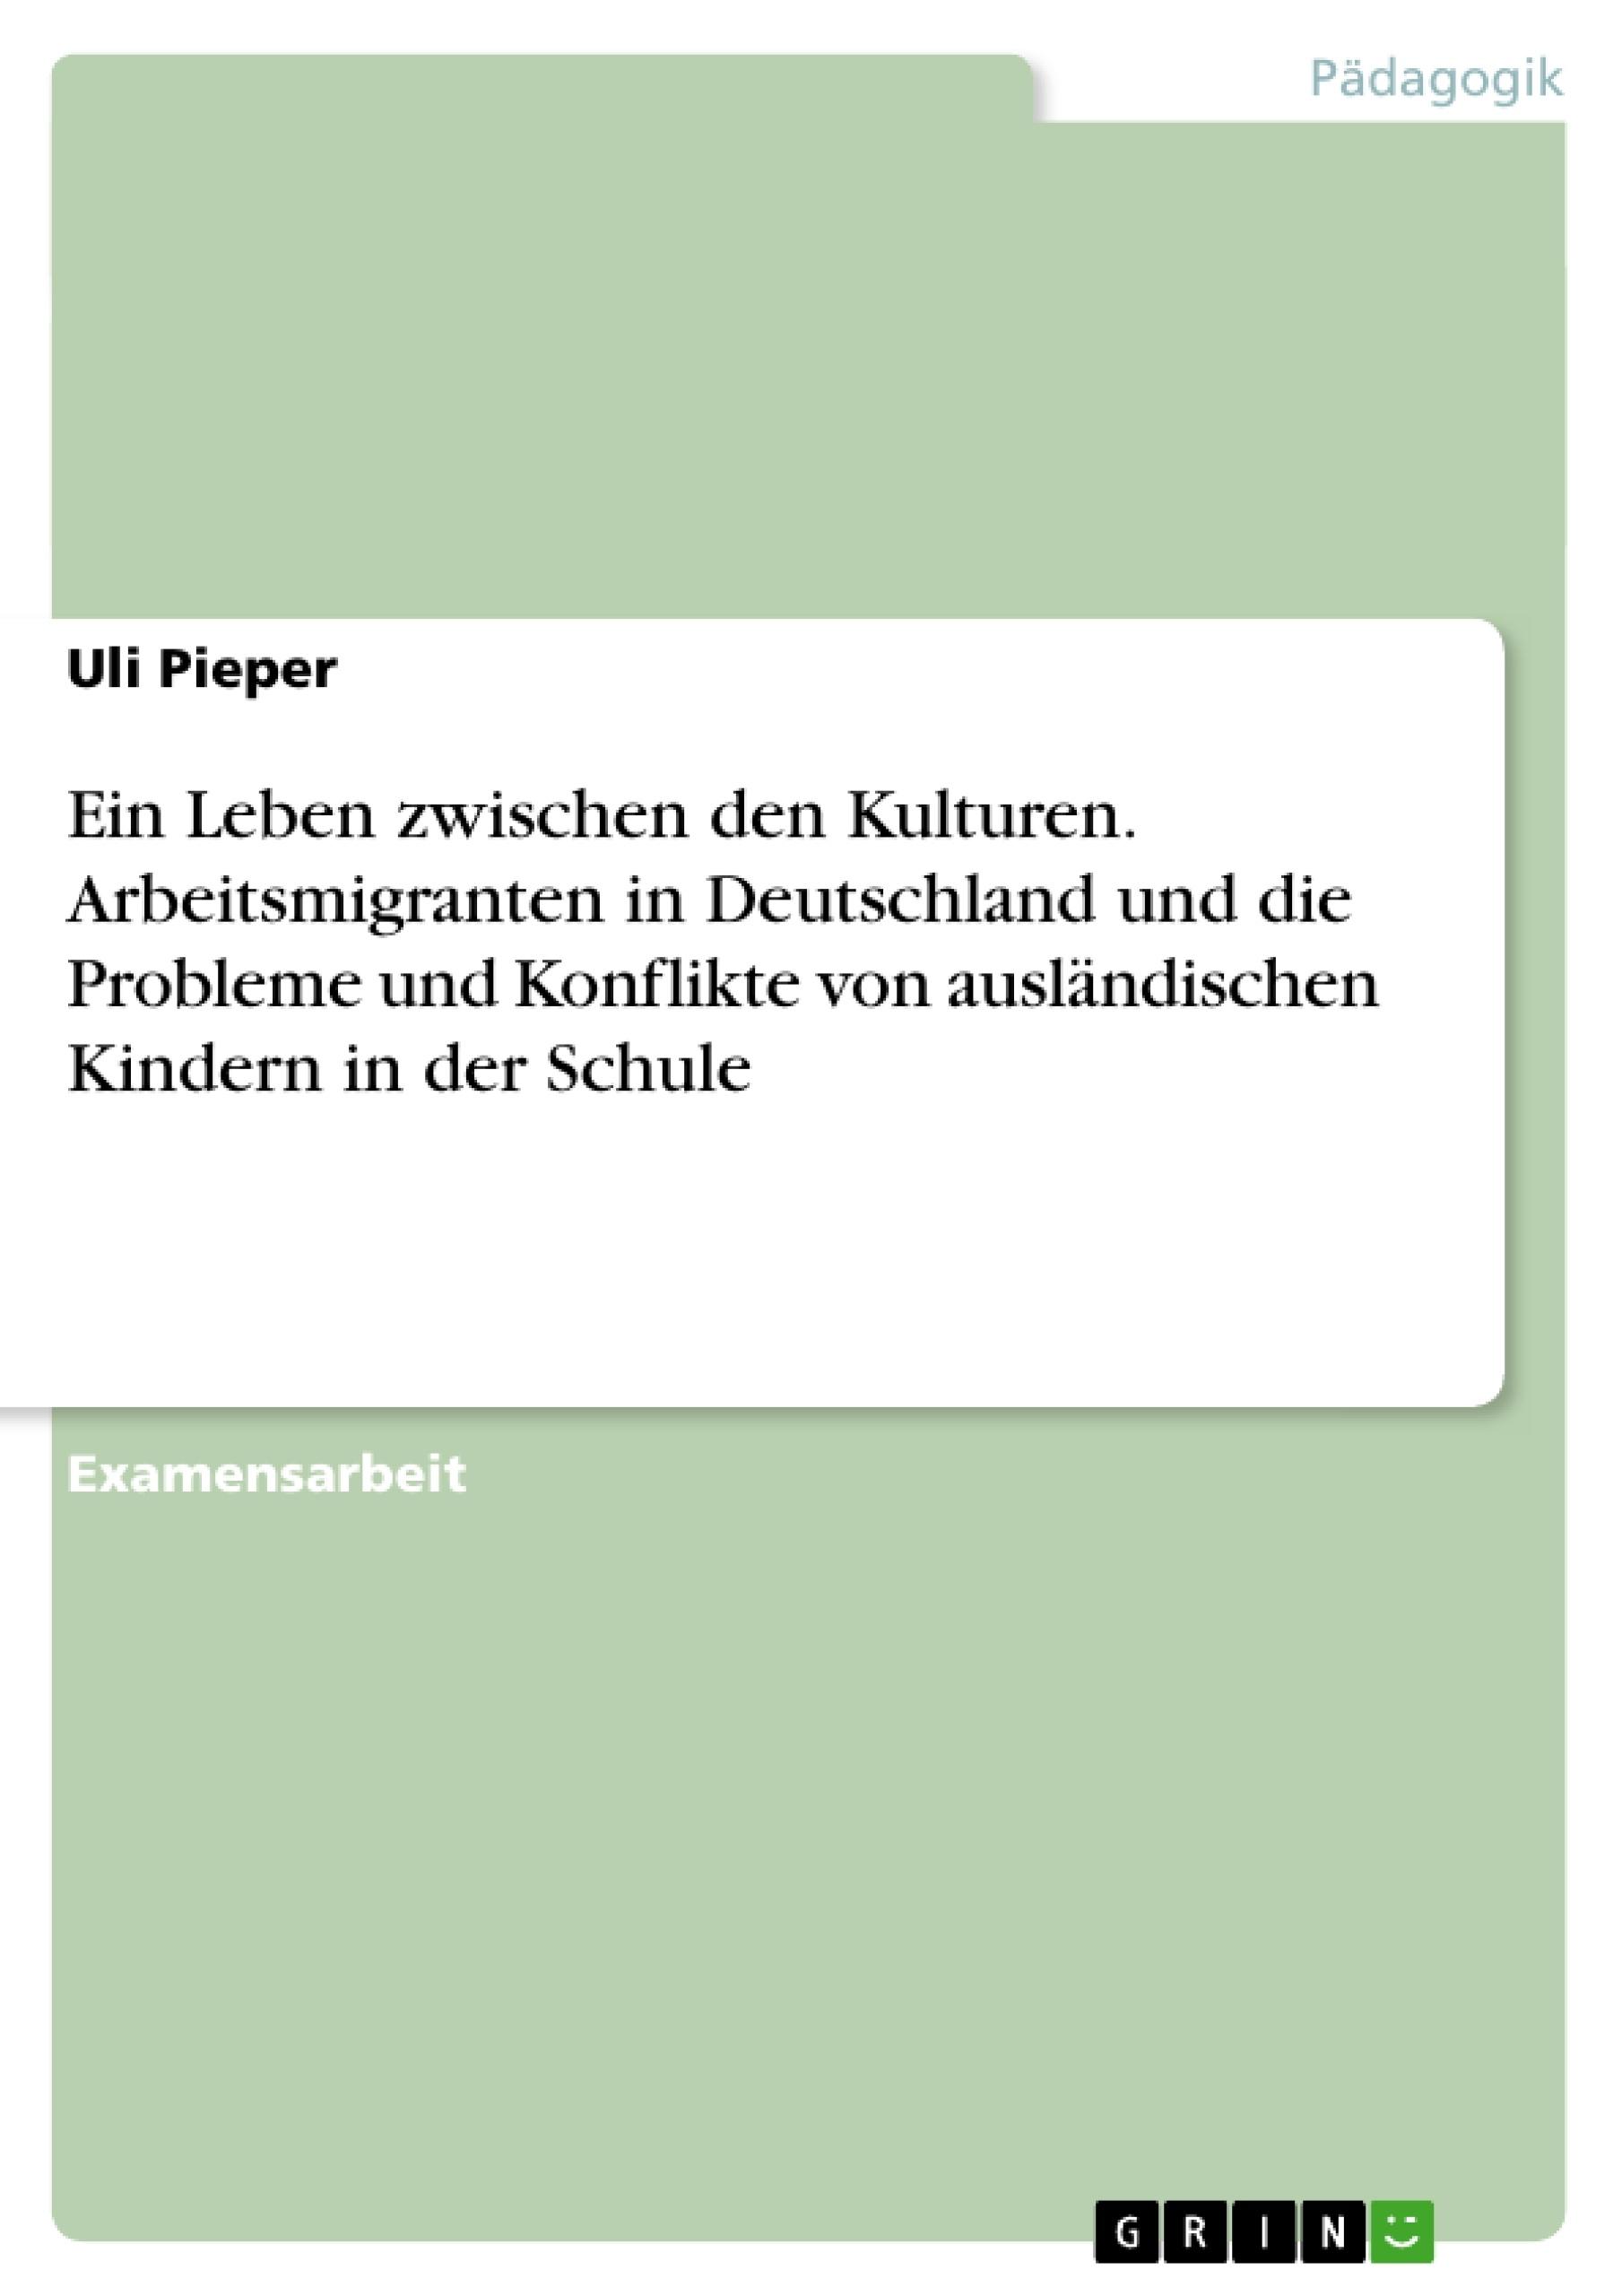 Ein Leben zwischen den Kulturen. Arbeitsmigranten in Deutschland ...